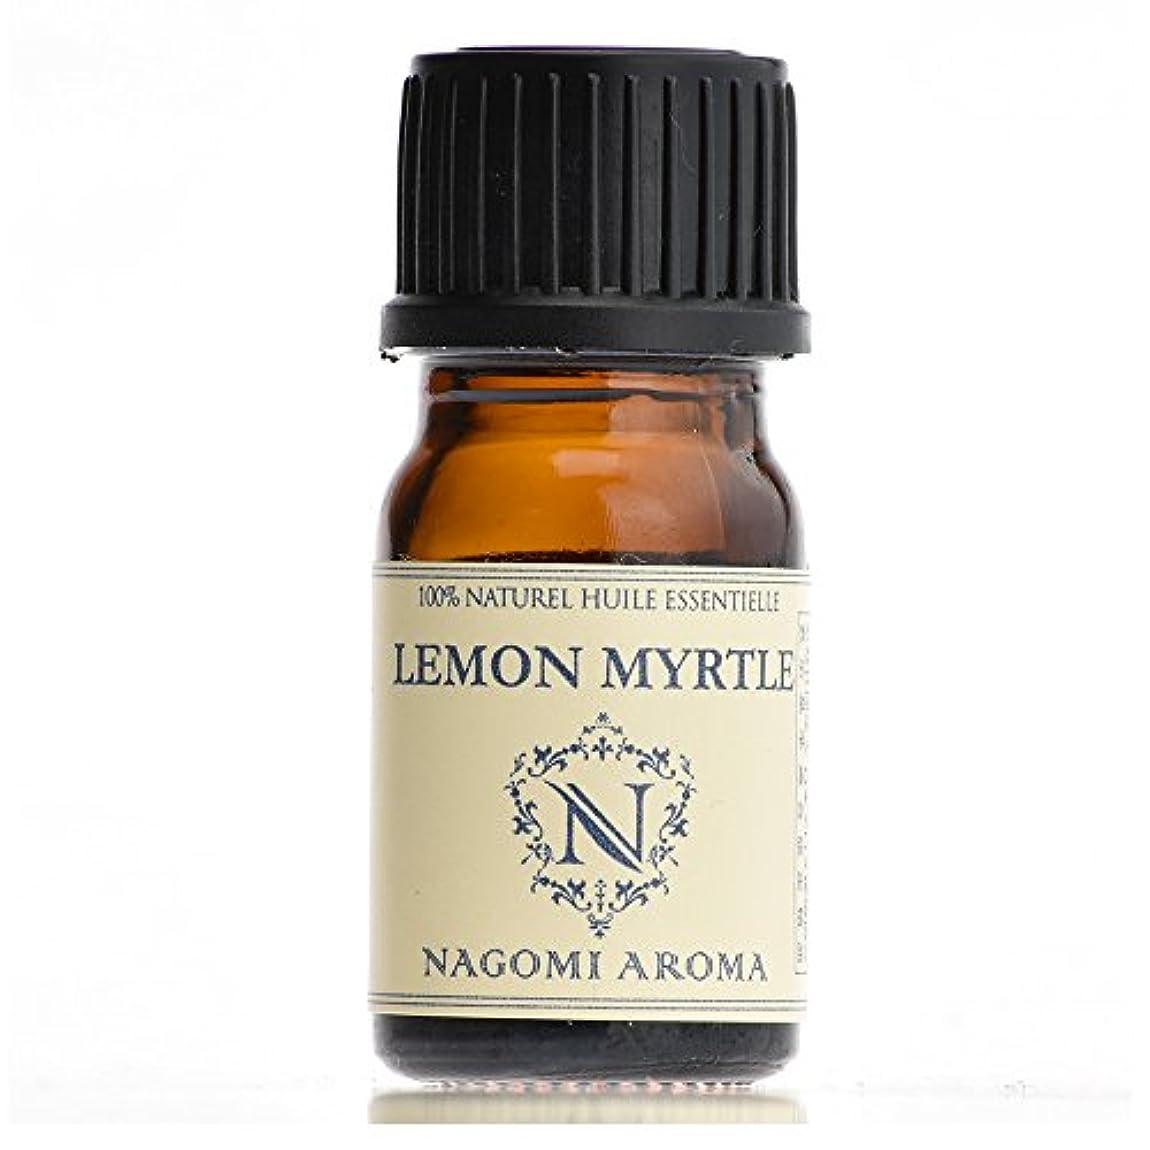 ぼかす中で個人的に【AEAJ認定表示基準認定精油】NAGOMI PURE レモンマートル 5ml 【エッセンシャルオイル】【精油】【アロマオイル】|CONVOILs